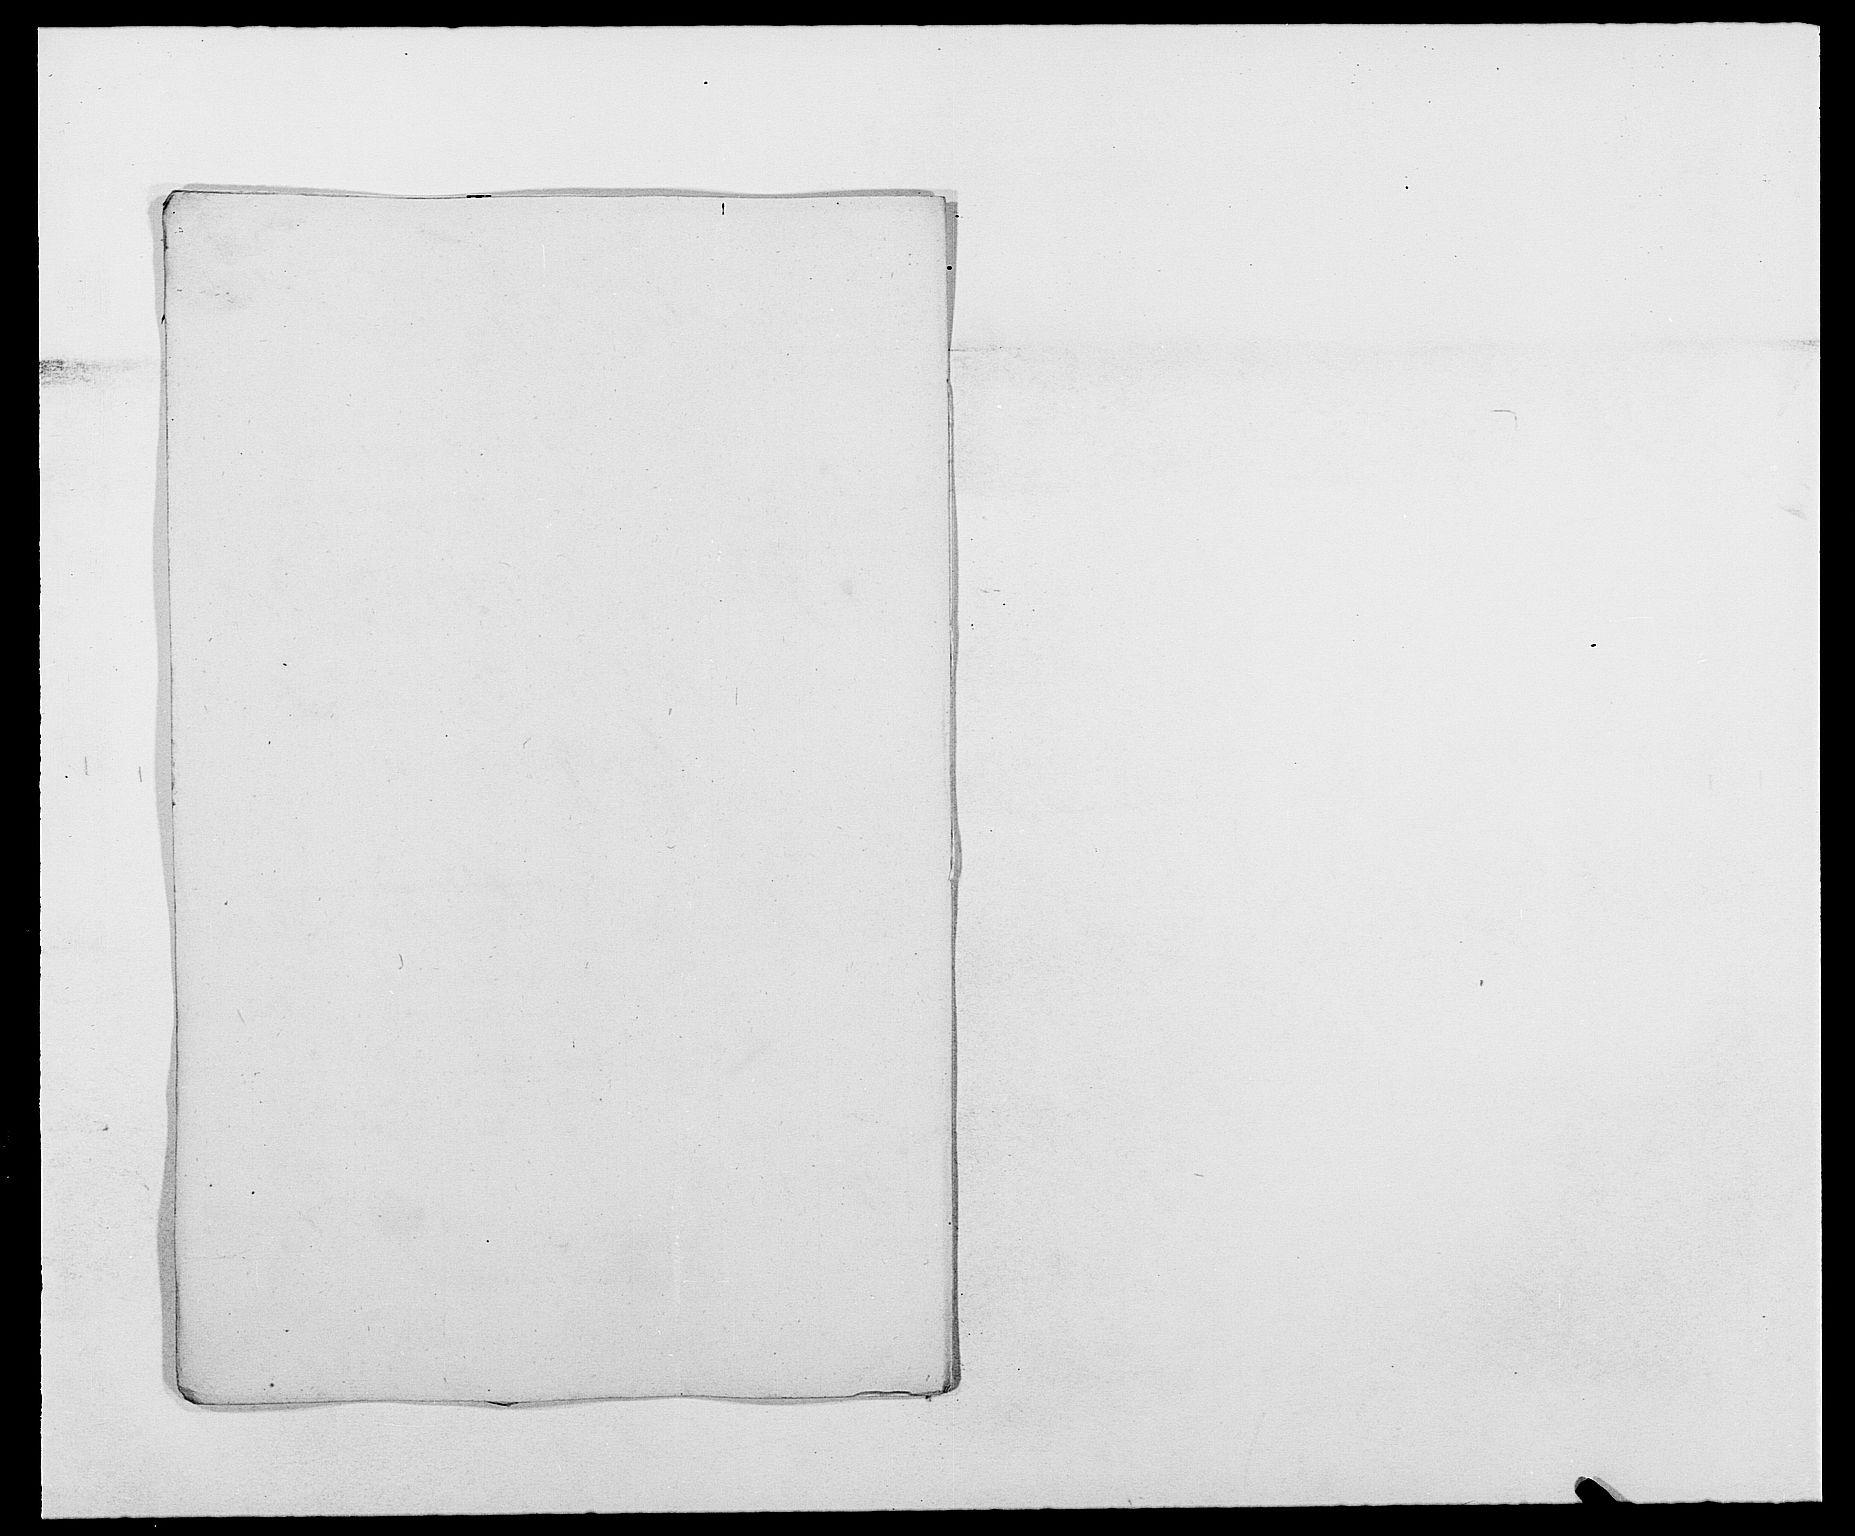 RA, Rentekammeret inntil 1814, Reviderte regnskaper, Fogderegnskap, R01/L0010: Fogderegnskap Idd og Marker, 1690-1691, p. 246